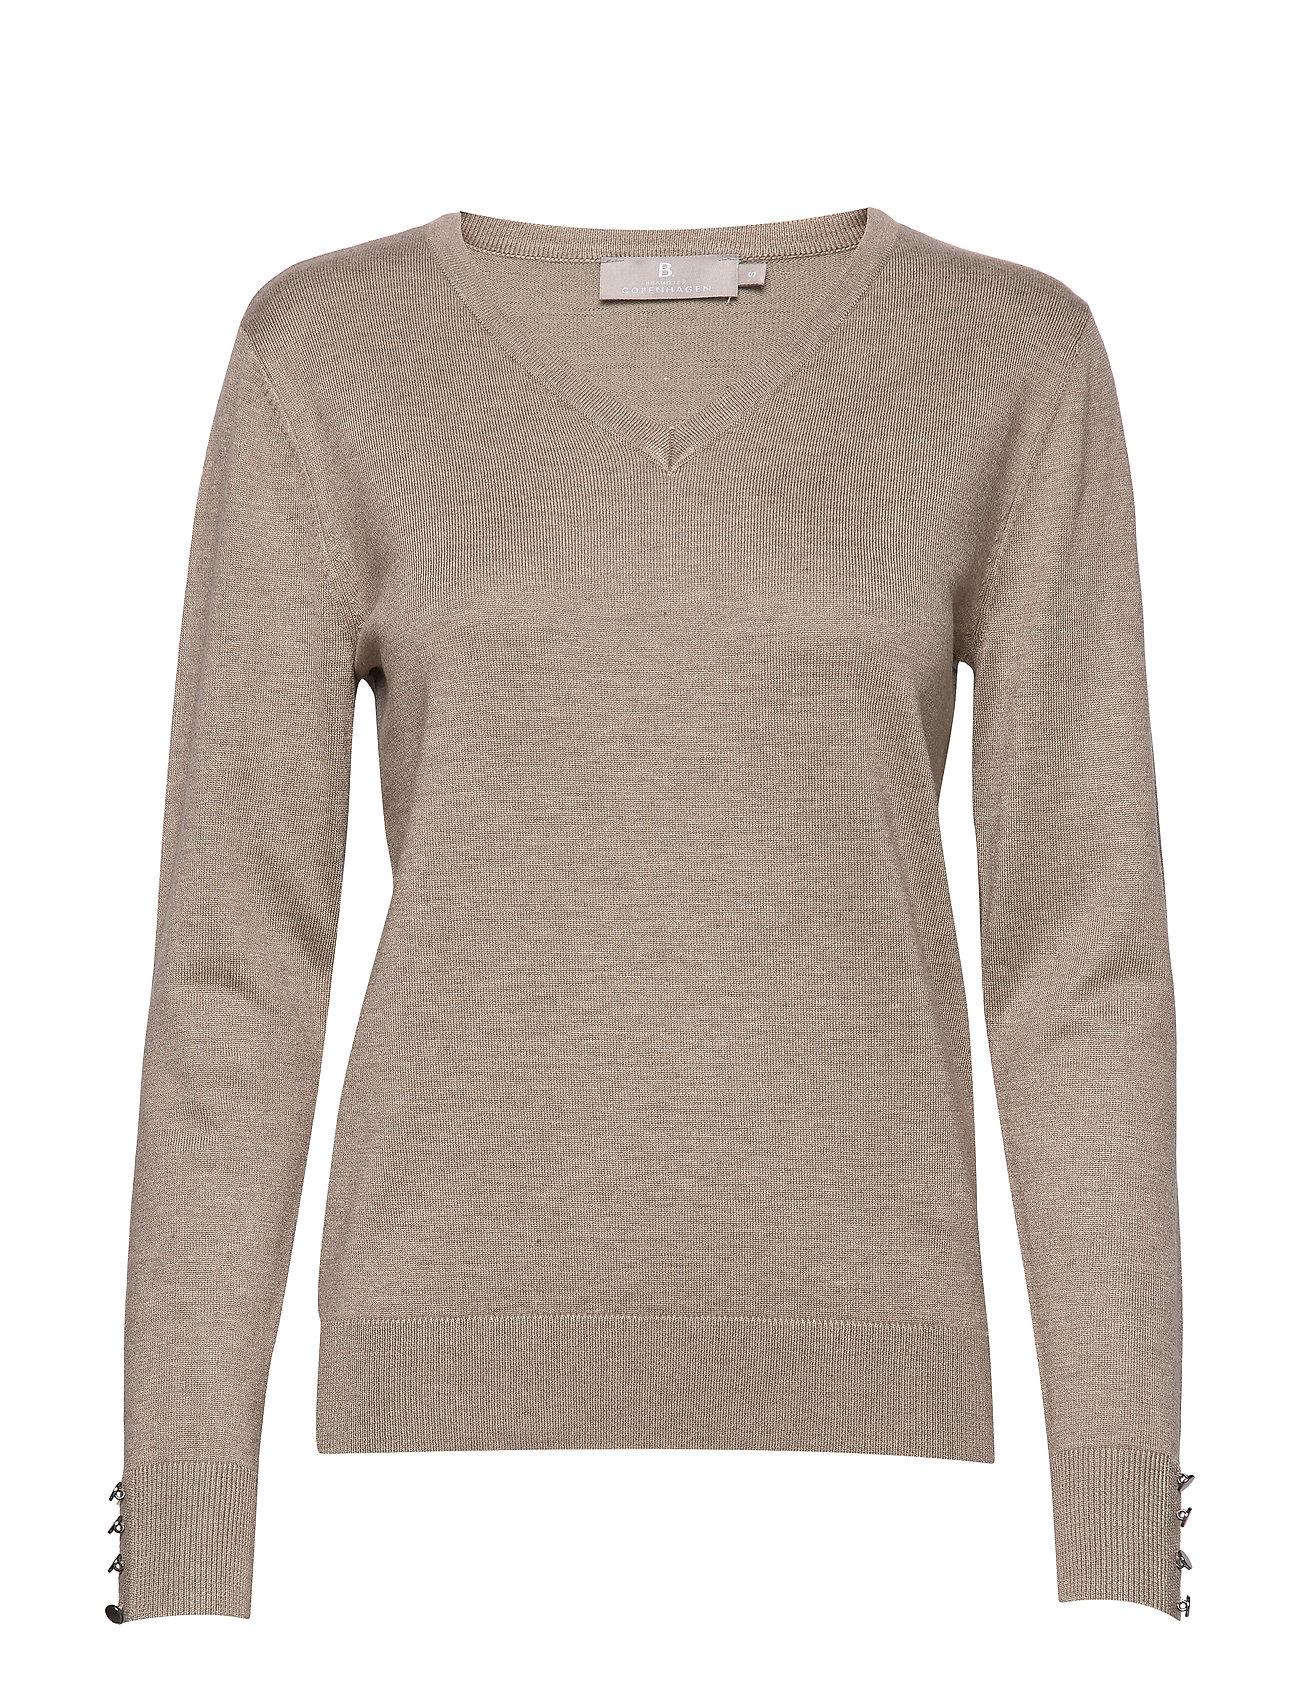 Brandtex Pullover-knit Light - CAMEL MELANGE